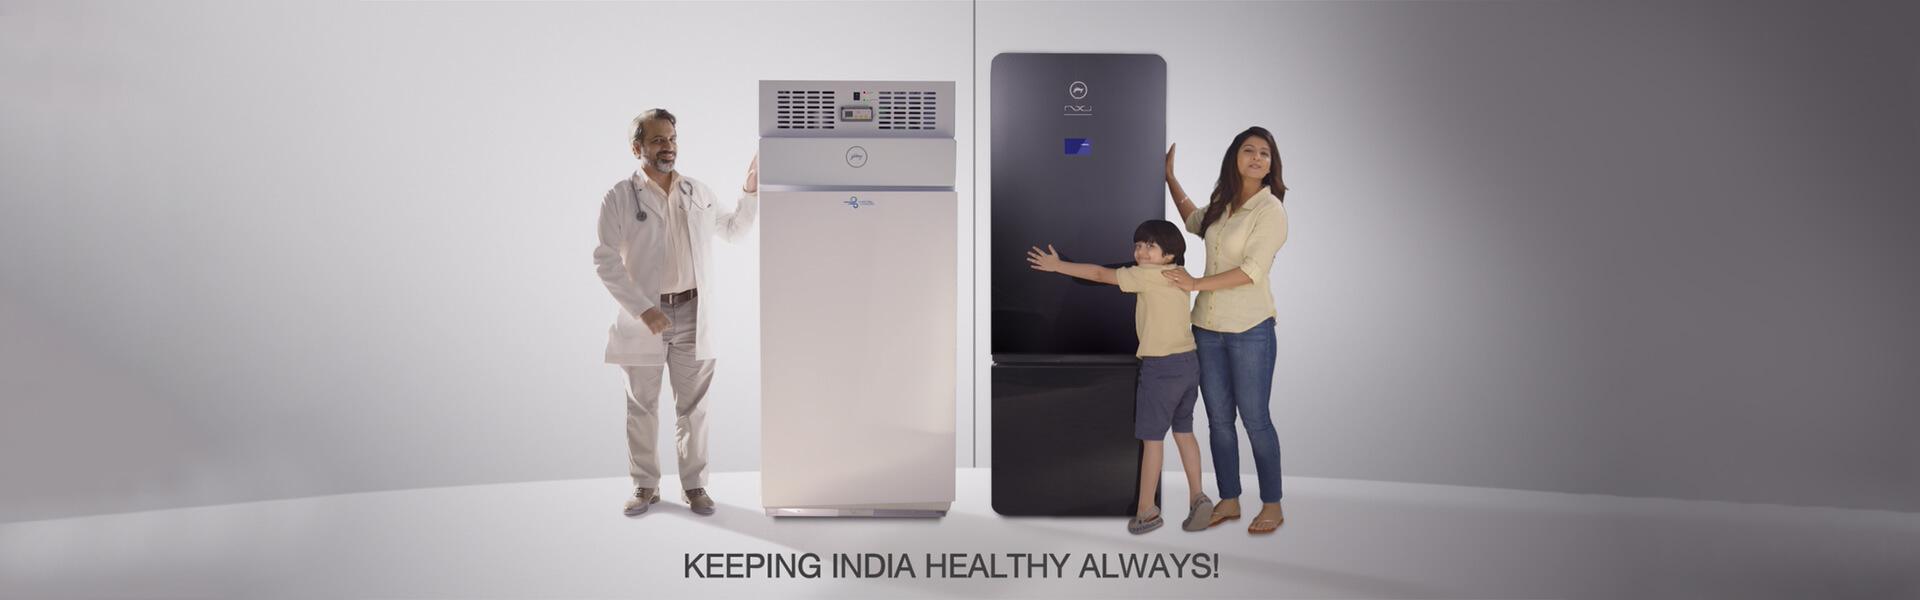 Keeping India Healthy Always